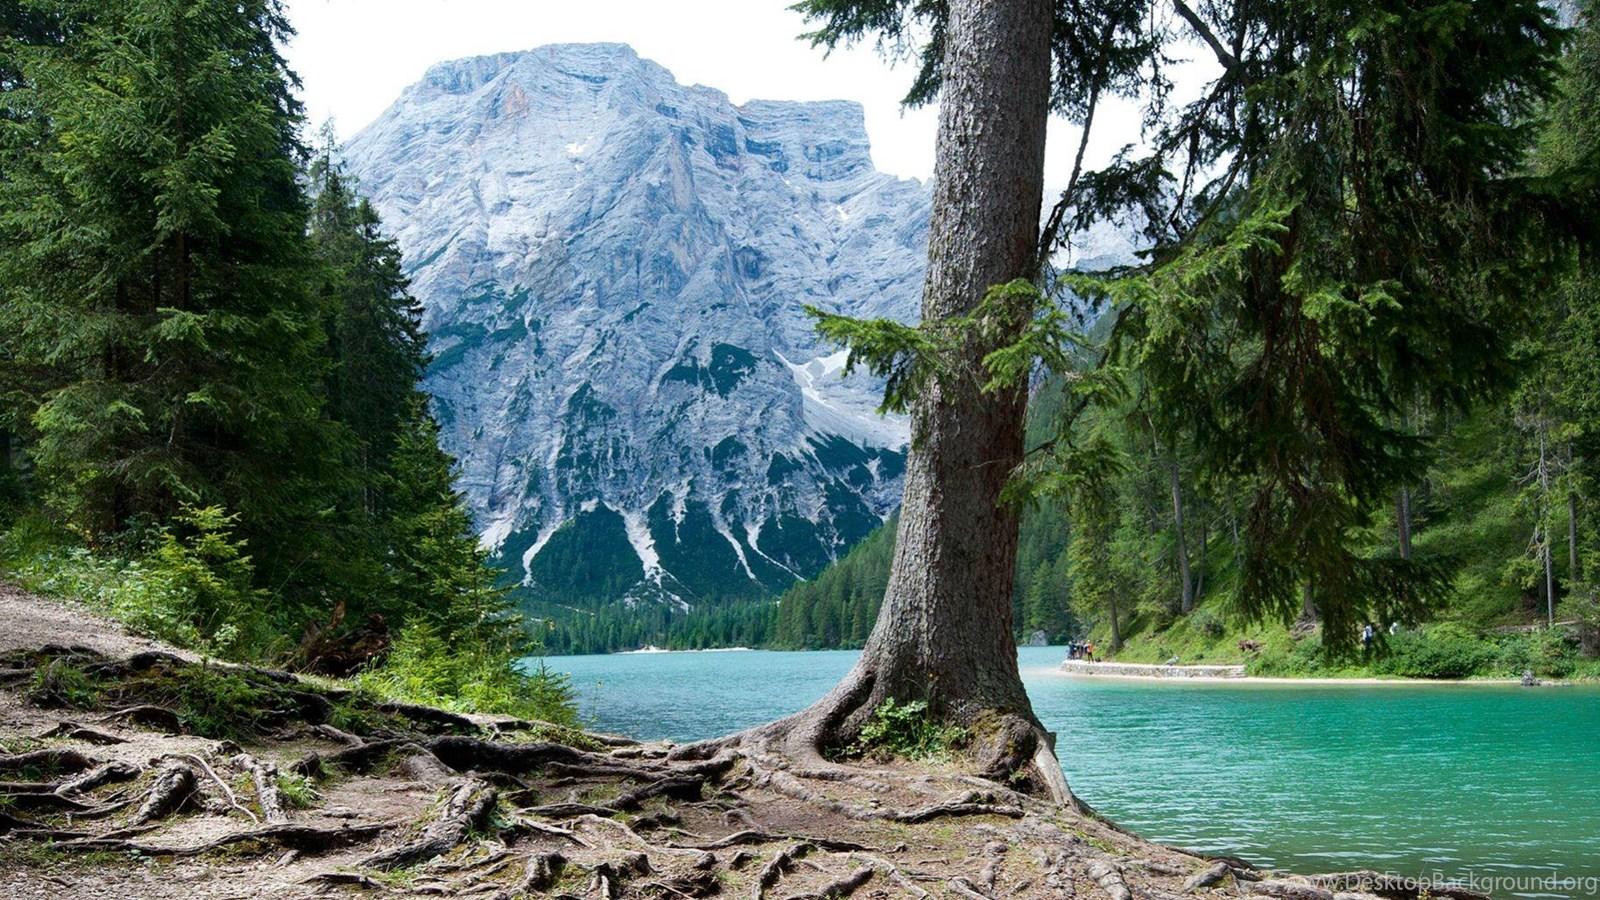 Nature dual screen wallpapers desktop background - Background pictures of nature for desktop ...